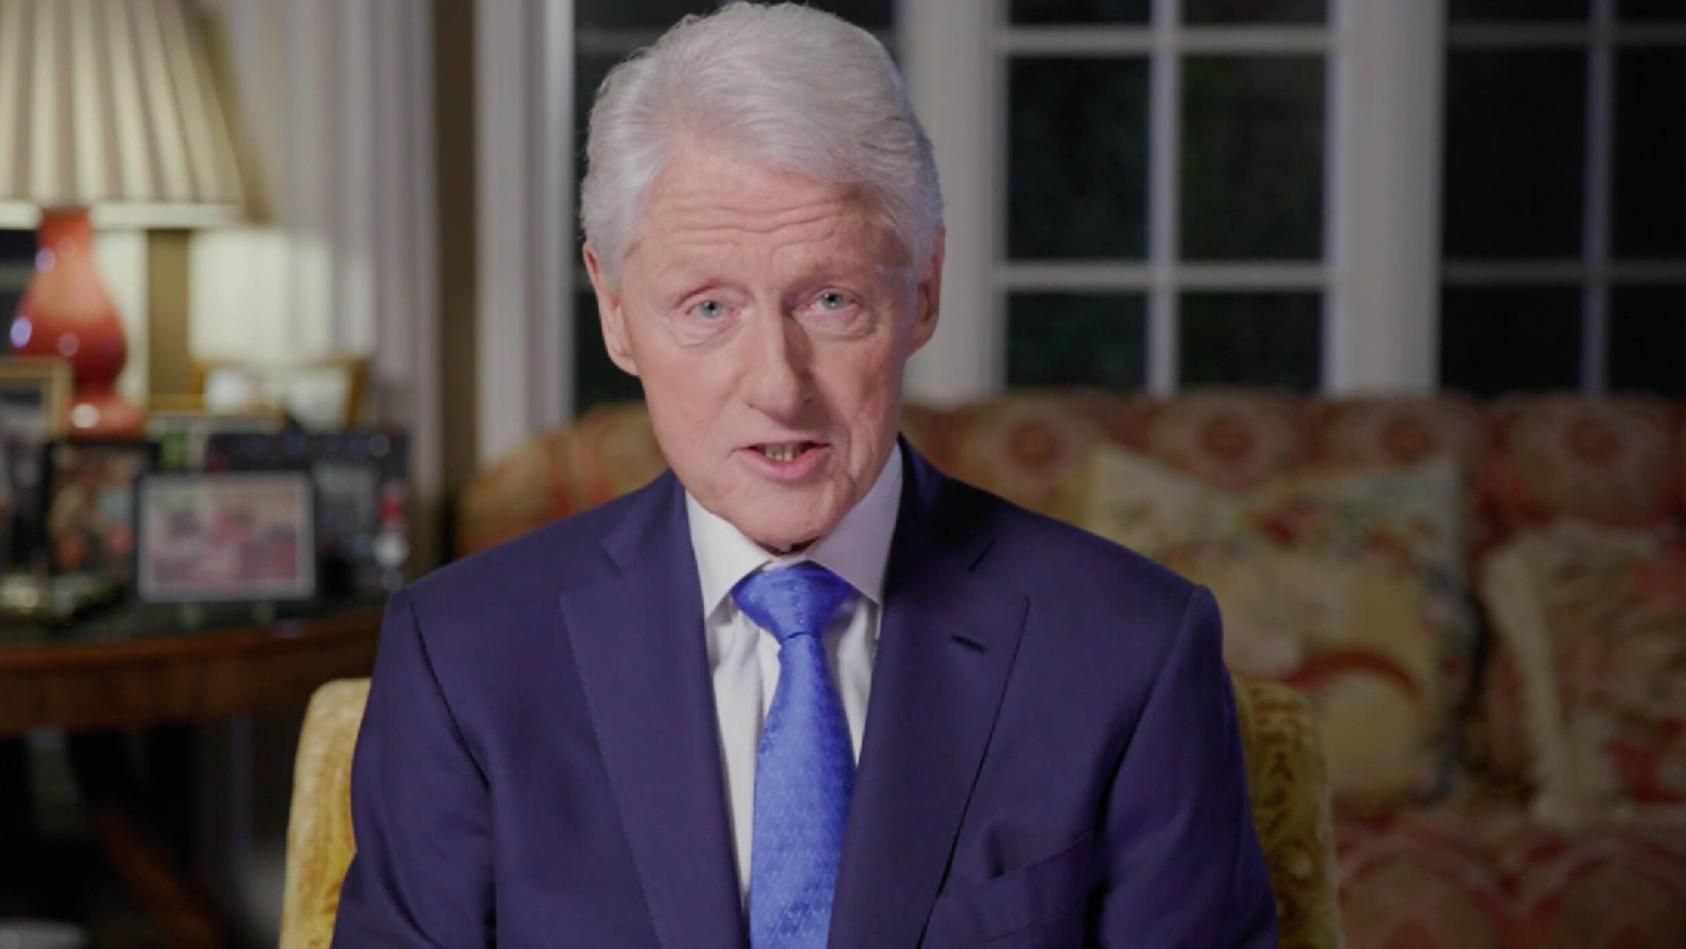 Steht die Ehe von Bill Clinton vor dem Aus?